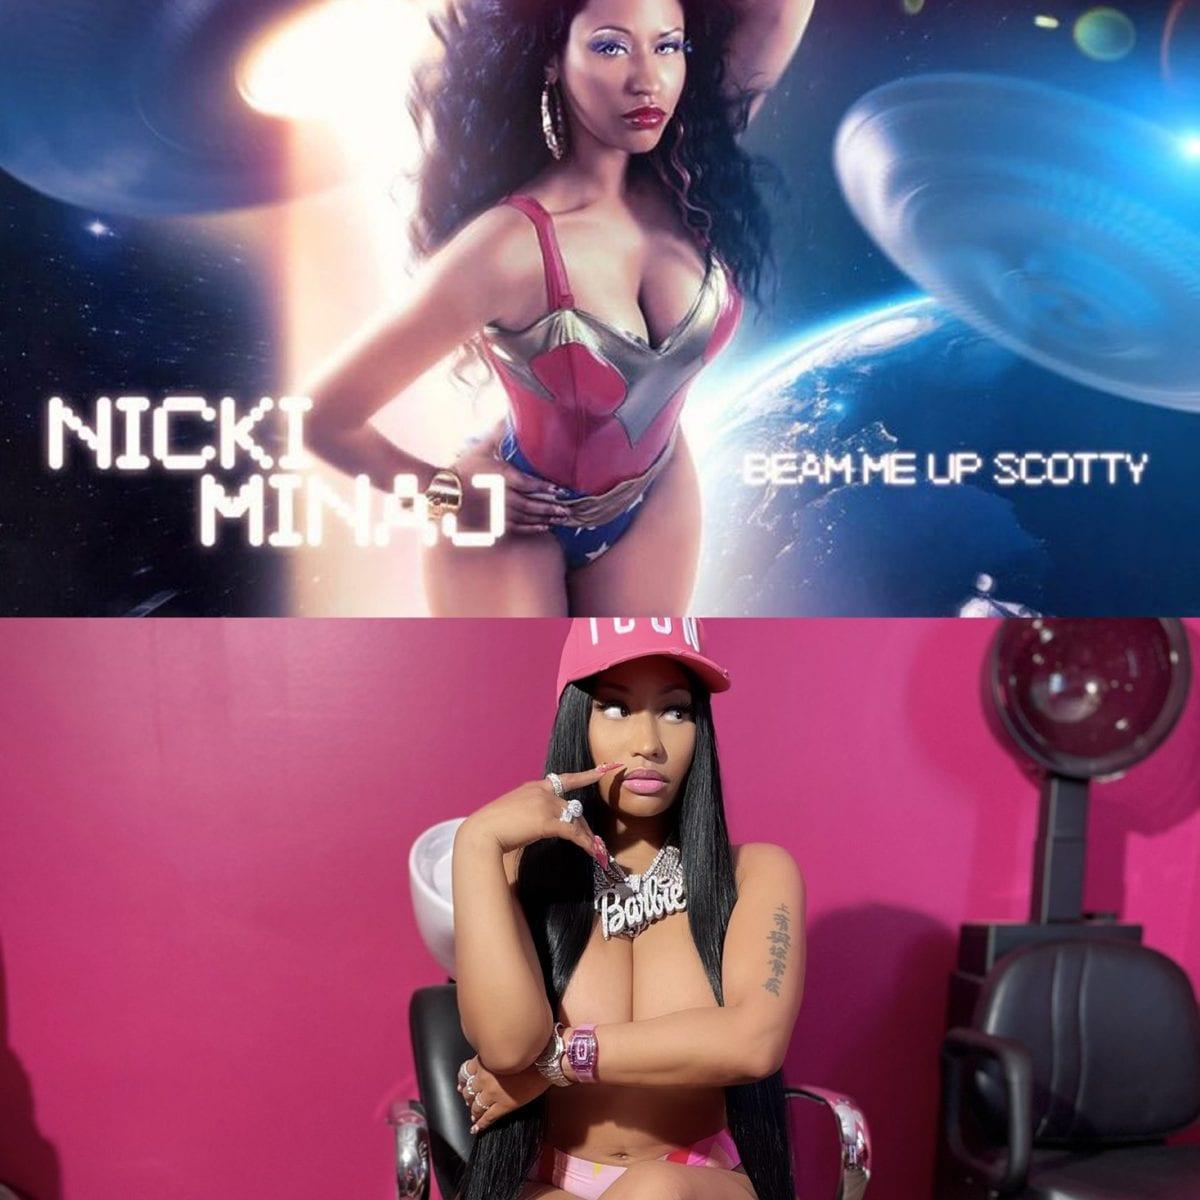 Nicki Minaj relança mixtape 'Beam me up Scotty' com 3 músicas inéditas